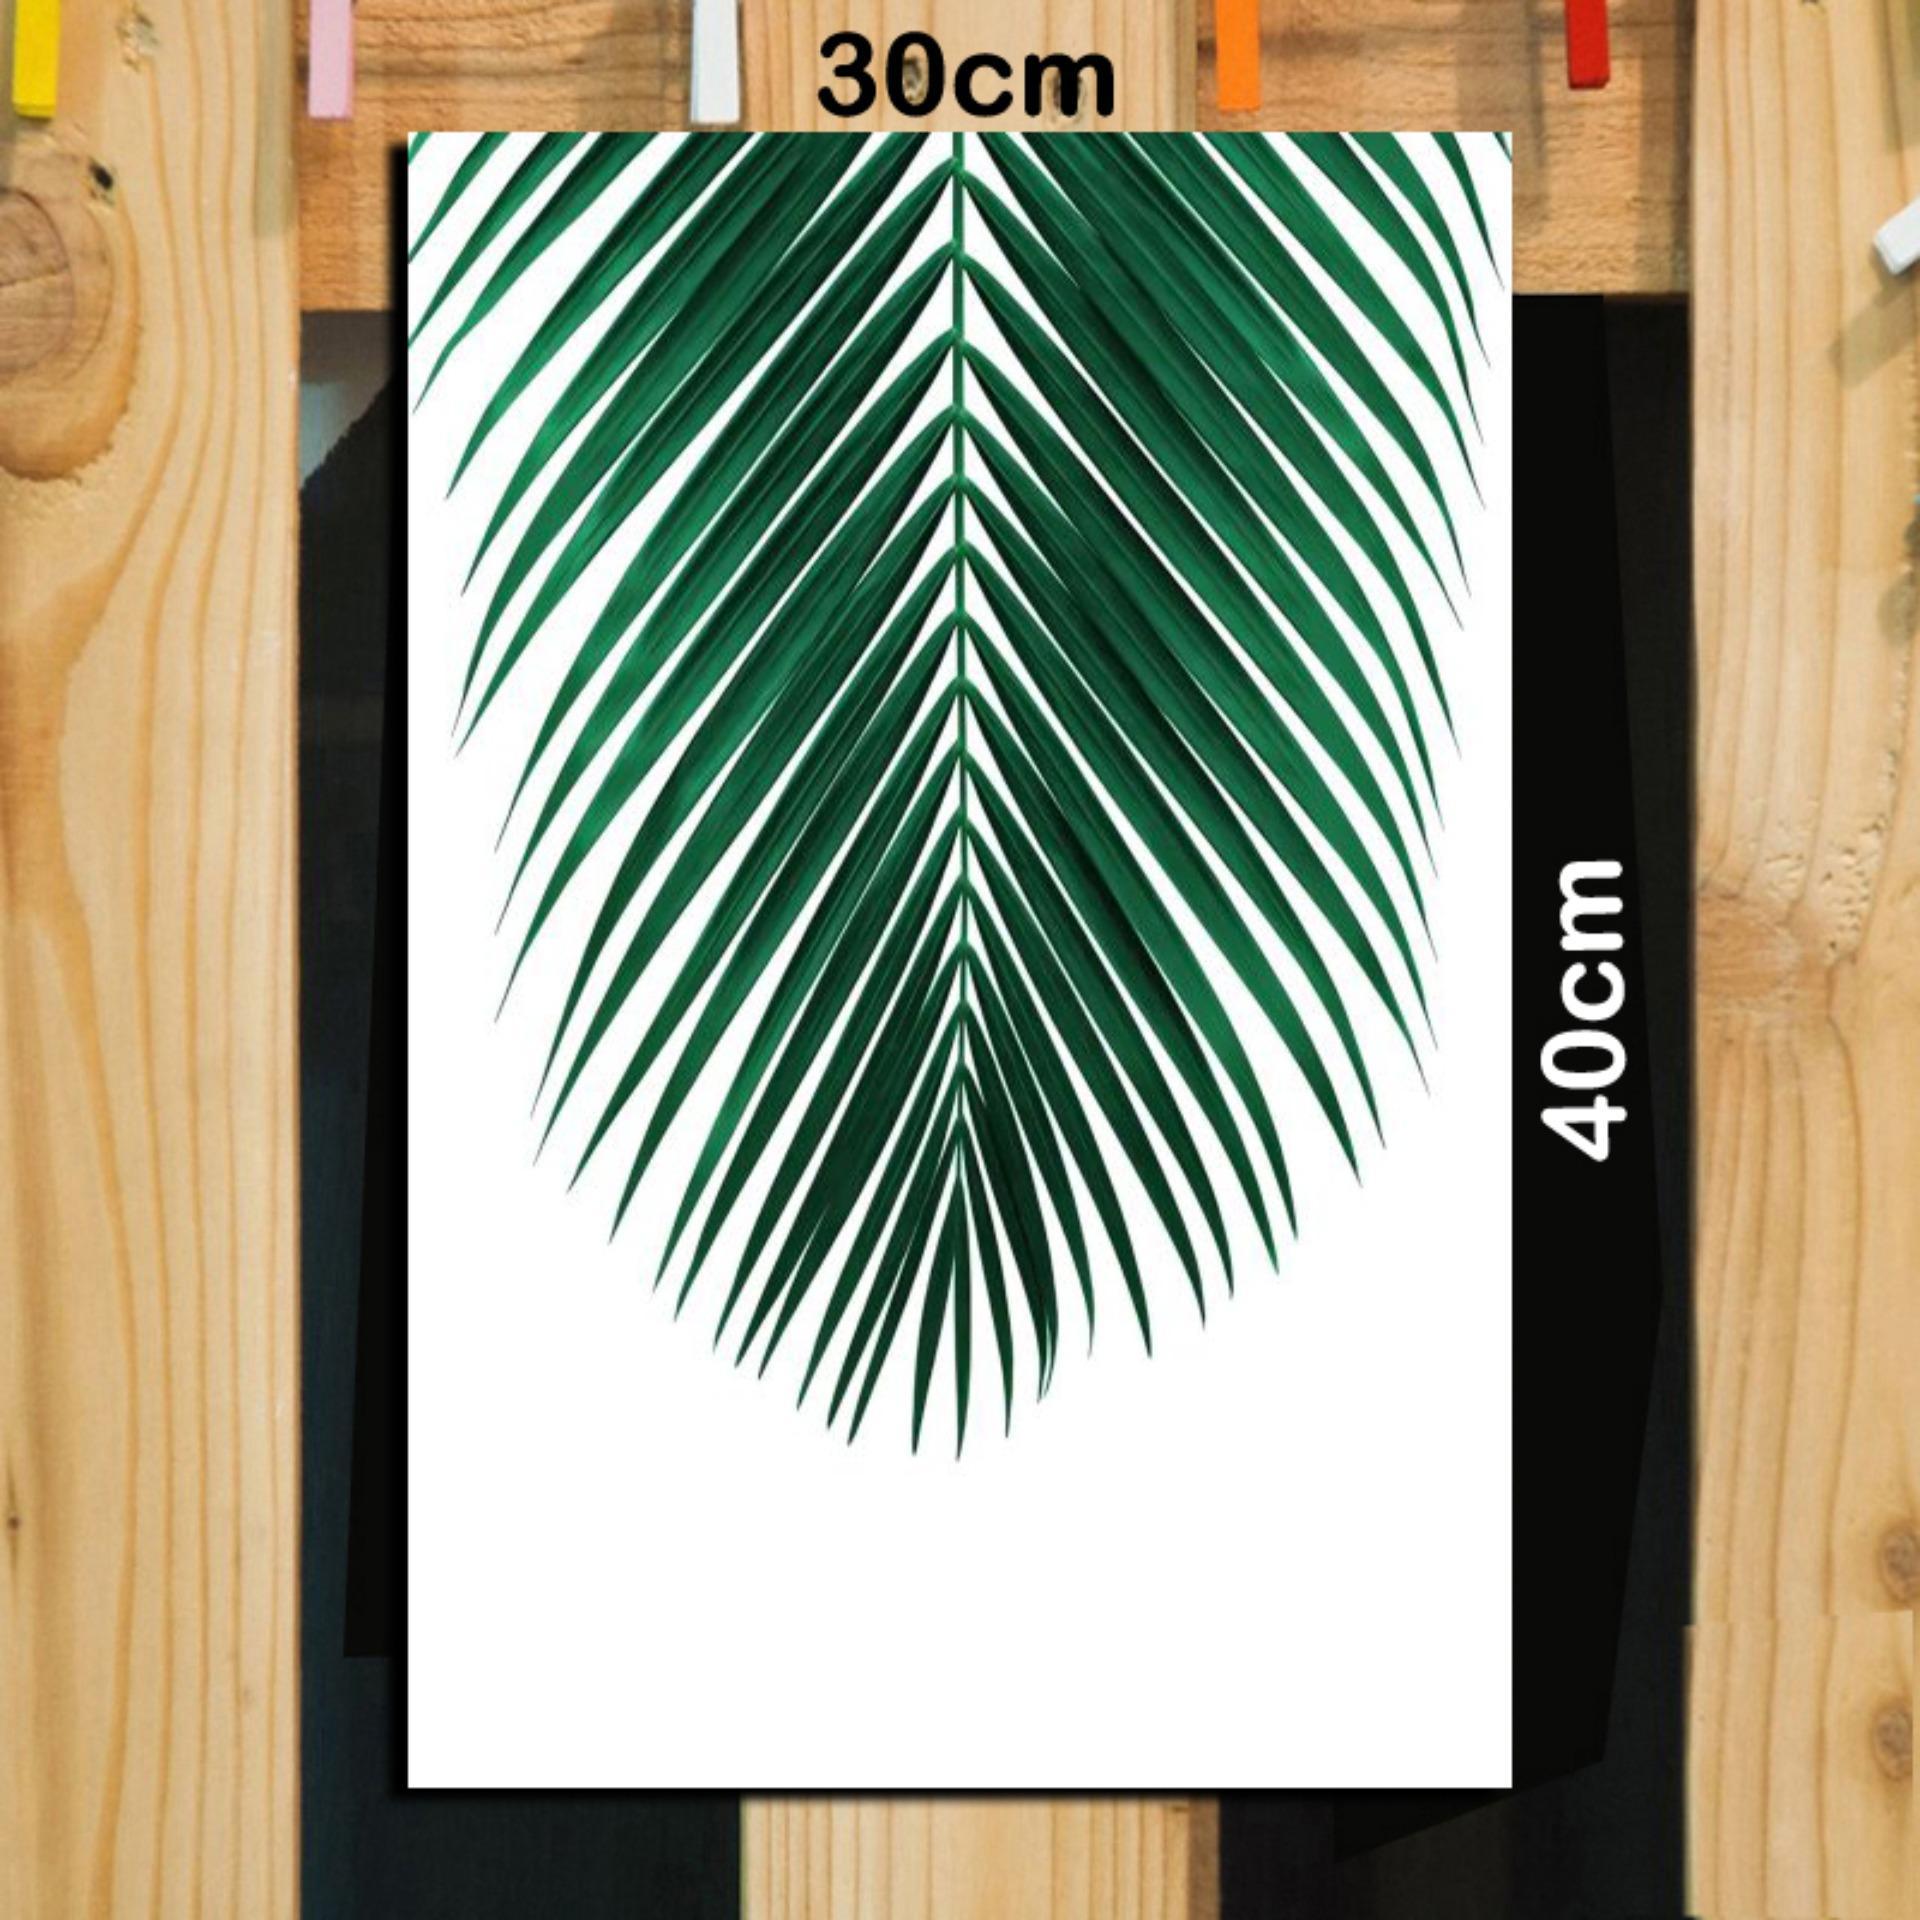 Hiasan Dinding / Poster Kayu / Wall Decor / Dekorasi Rumah / Hiasan